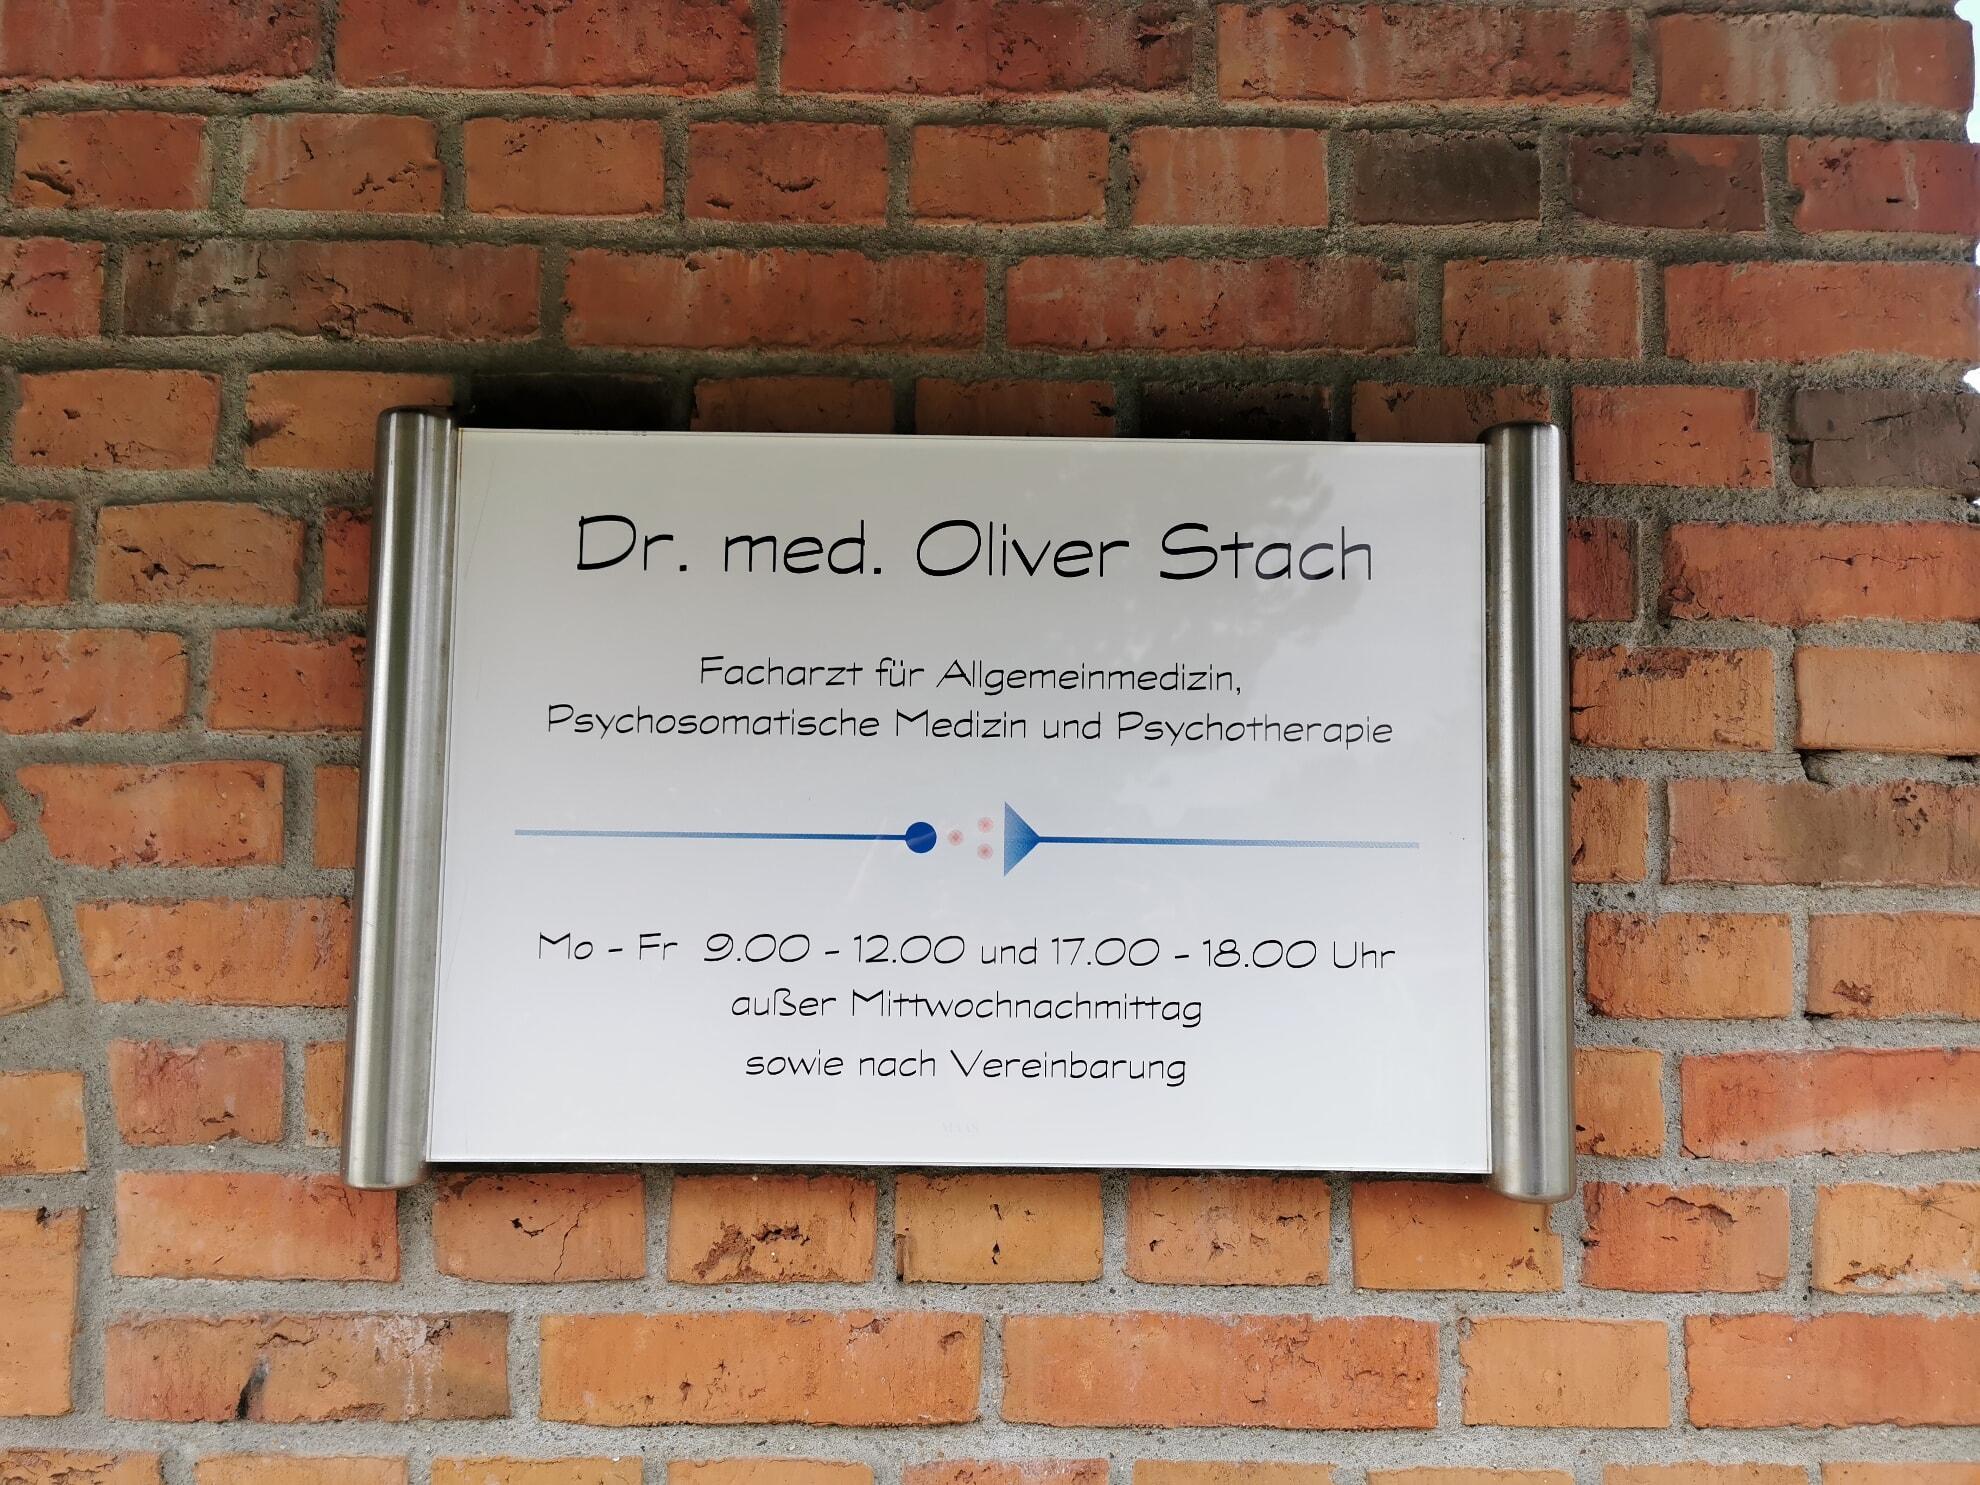 Dr. med. Oliver Stach in Kampen